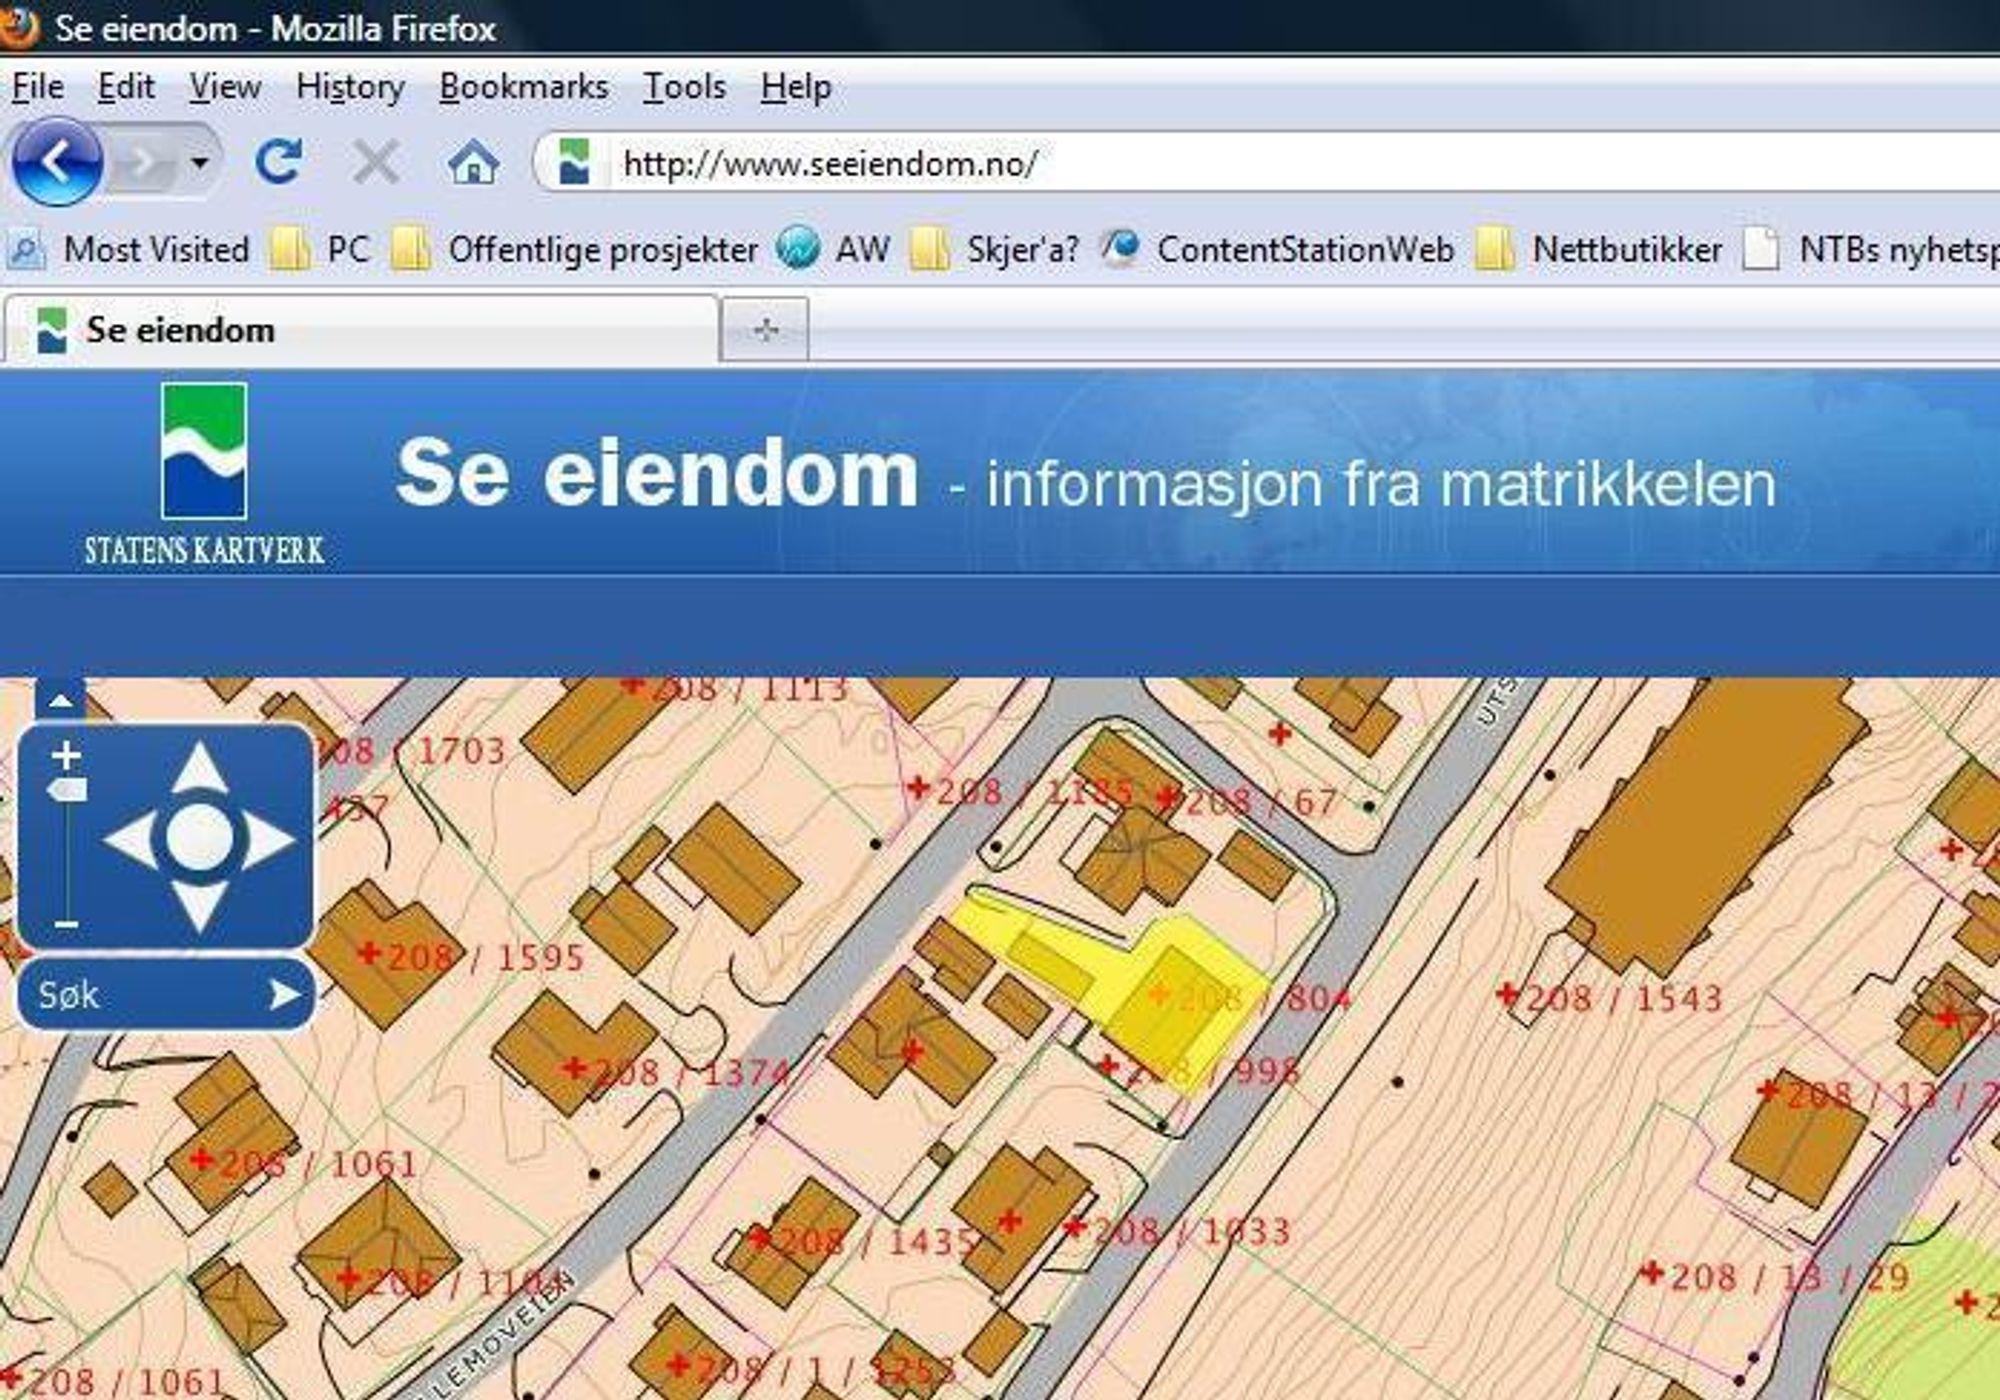 PREMIÈRE: Med Kartverkets nye tjeneste ¿Se eiendom¿ kan du selv kontrollere om eiendomsinformasjonen din er korrekt - eller kanskje sjekke ut hvor stor tomta til naboen egentlig er.